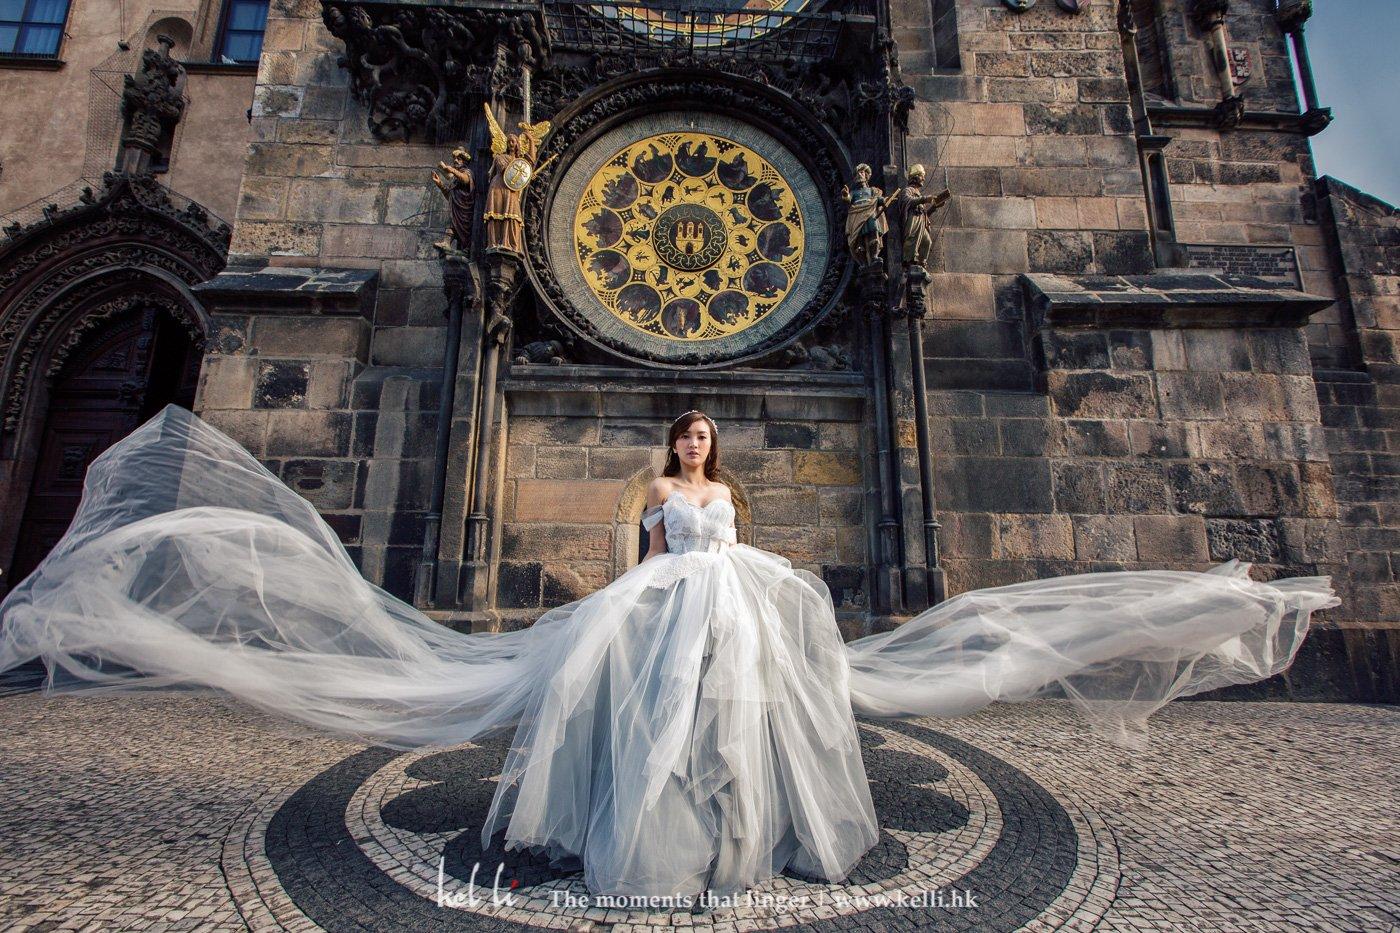 天文鐘下的婚紗相